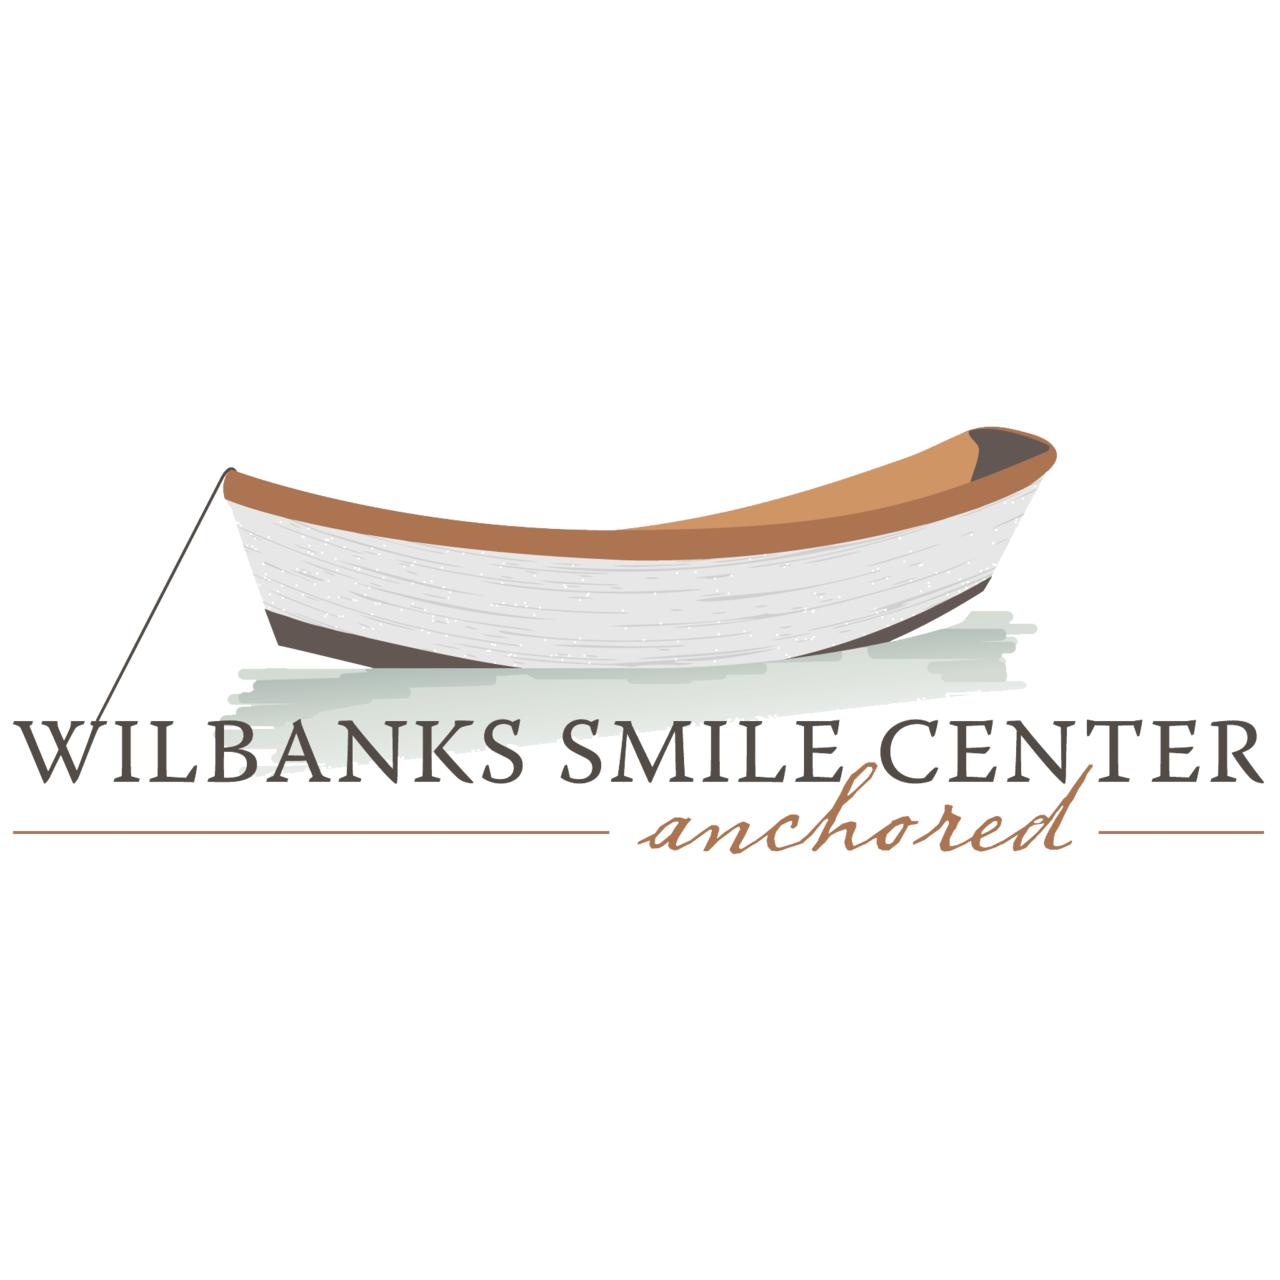 Wilbanks Smile Center